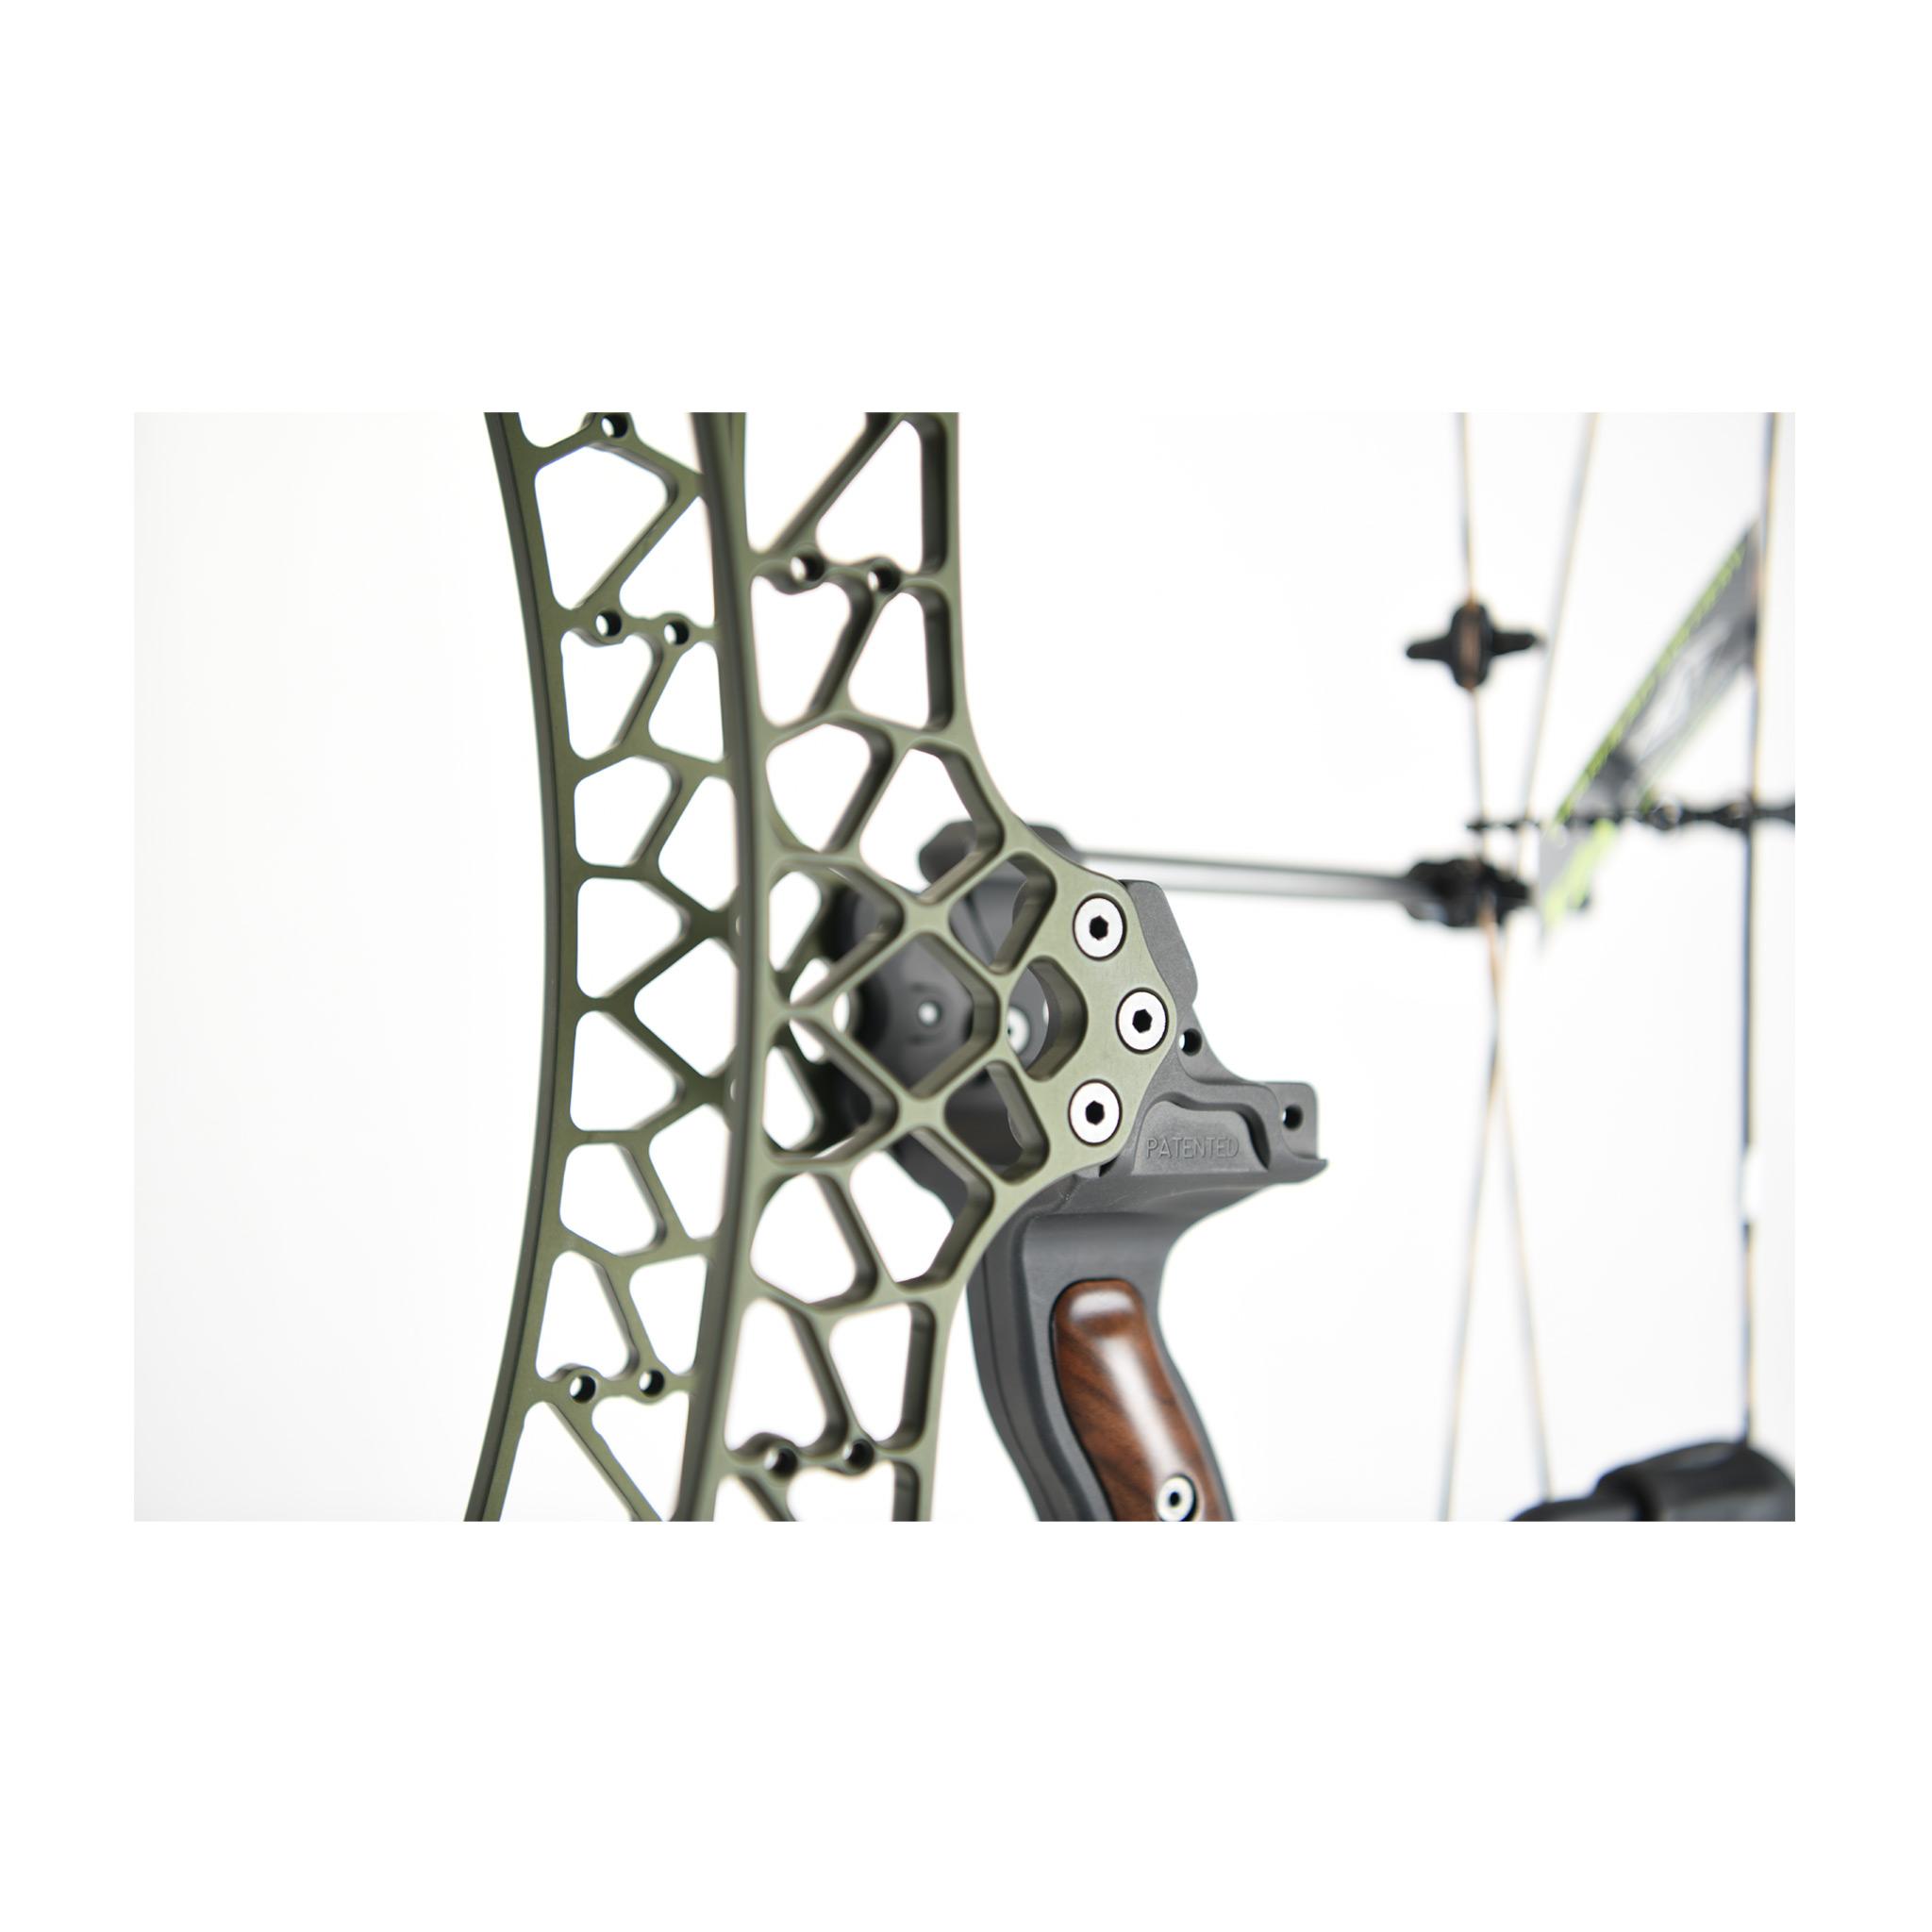 Poignée standard anodisée OLIVE de la série PRO ALU de Gearhead Archery